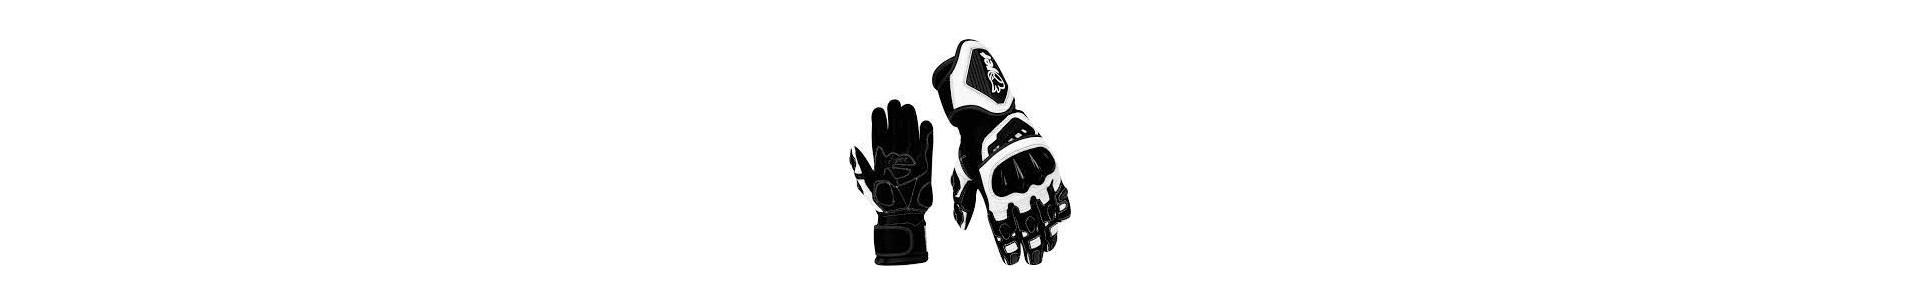 tiendas pavo venta de guantes de motos,casco,pantalones,camisetas